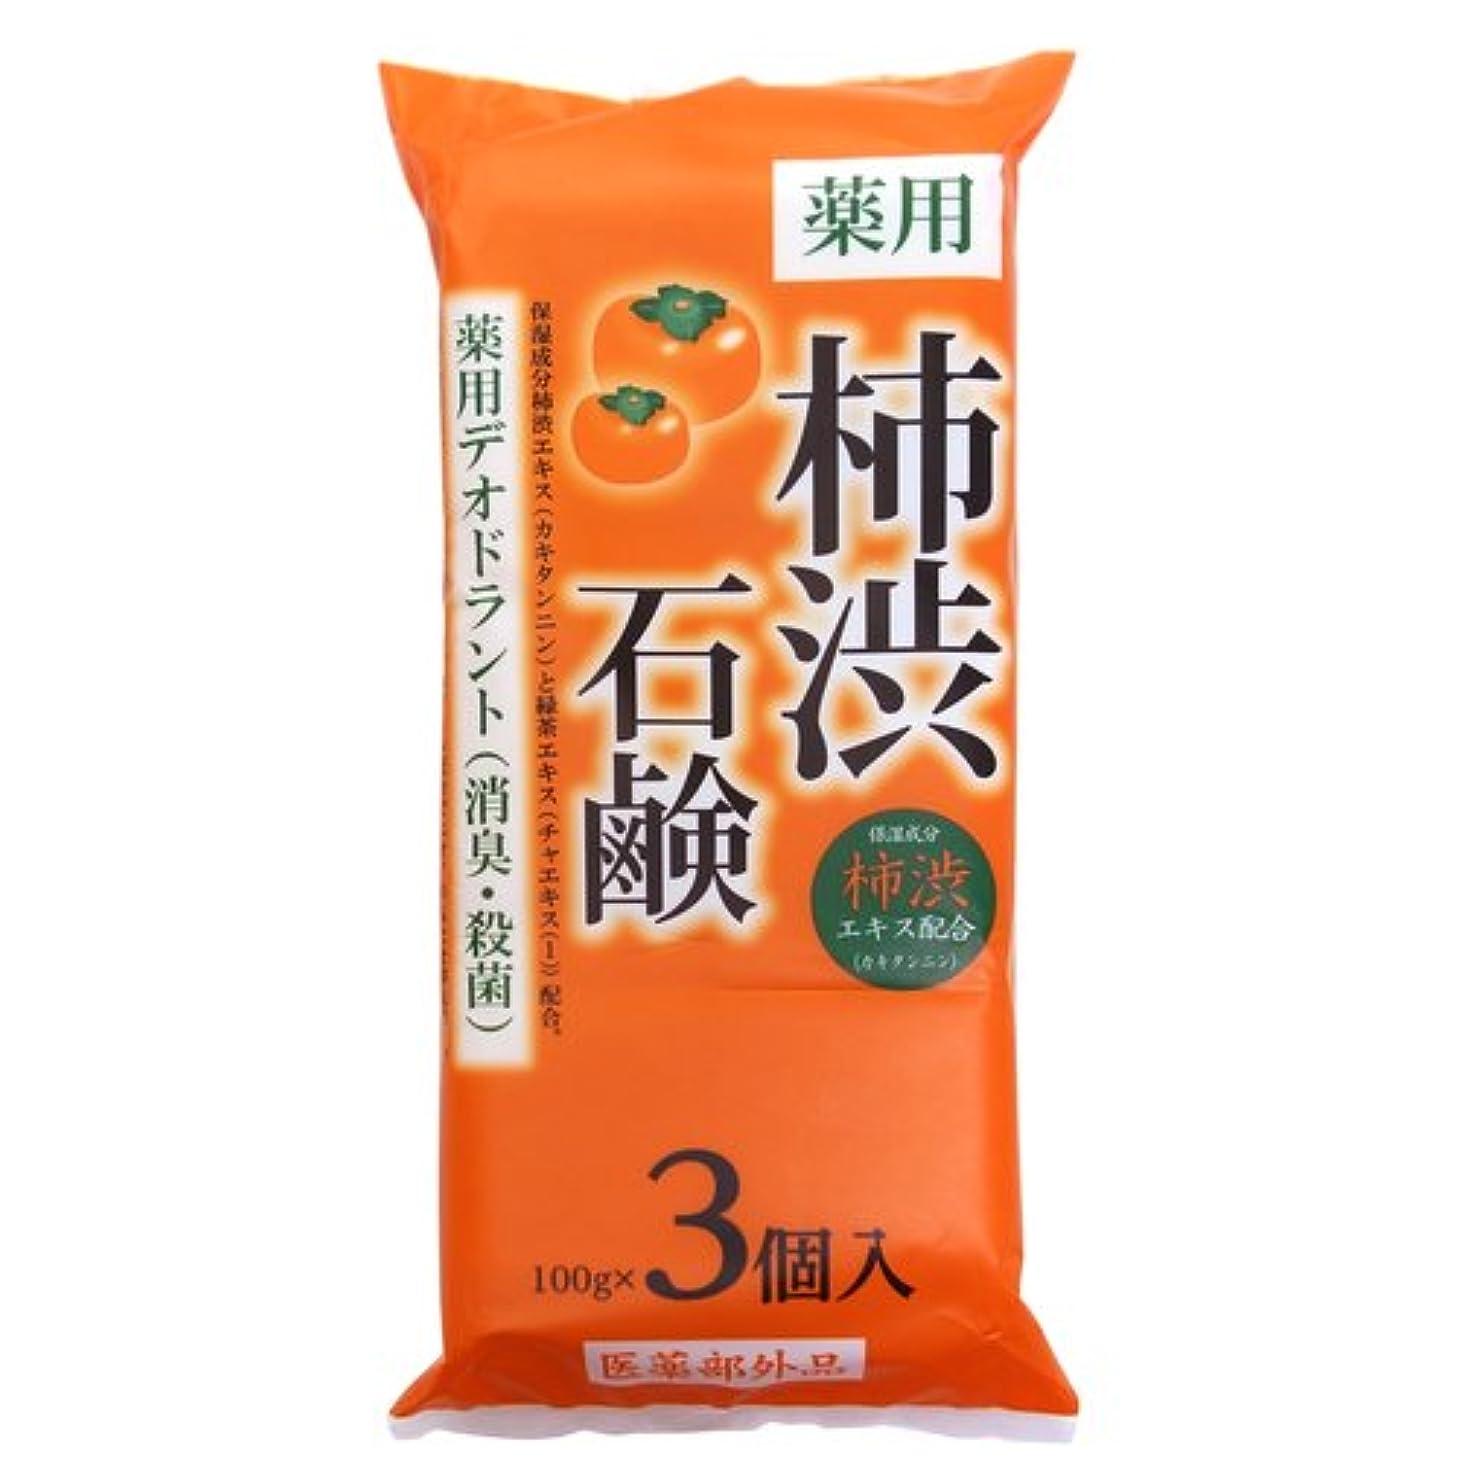 柿渋石鹸 100g×3個入り